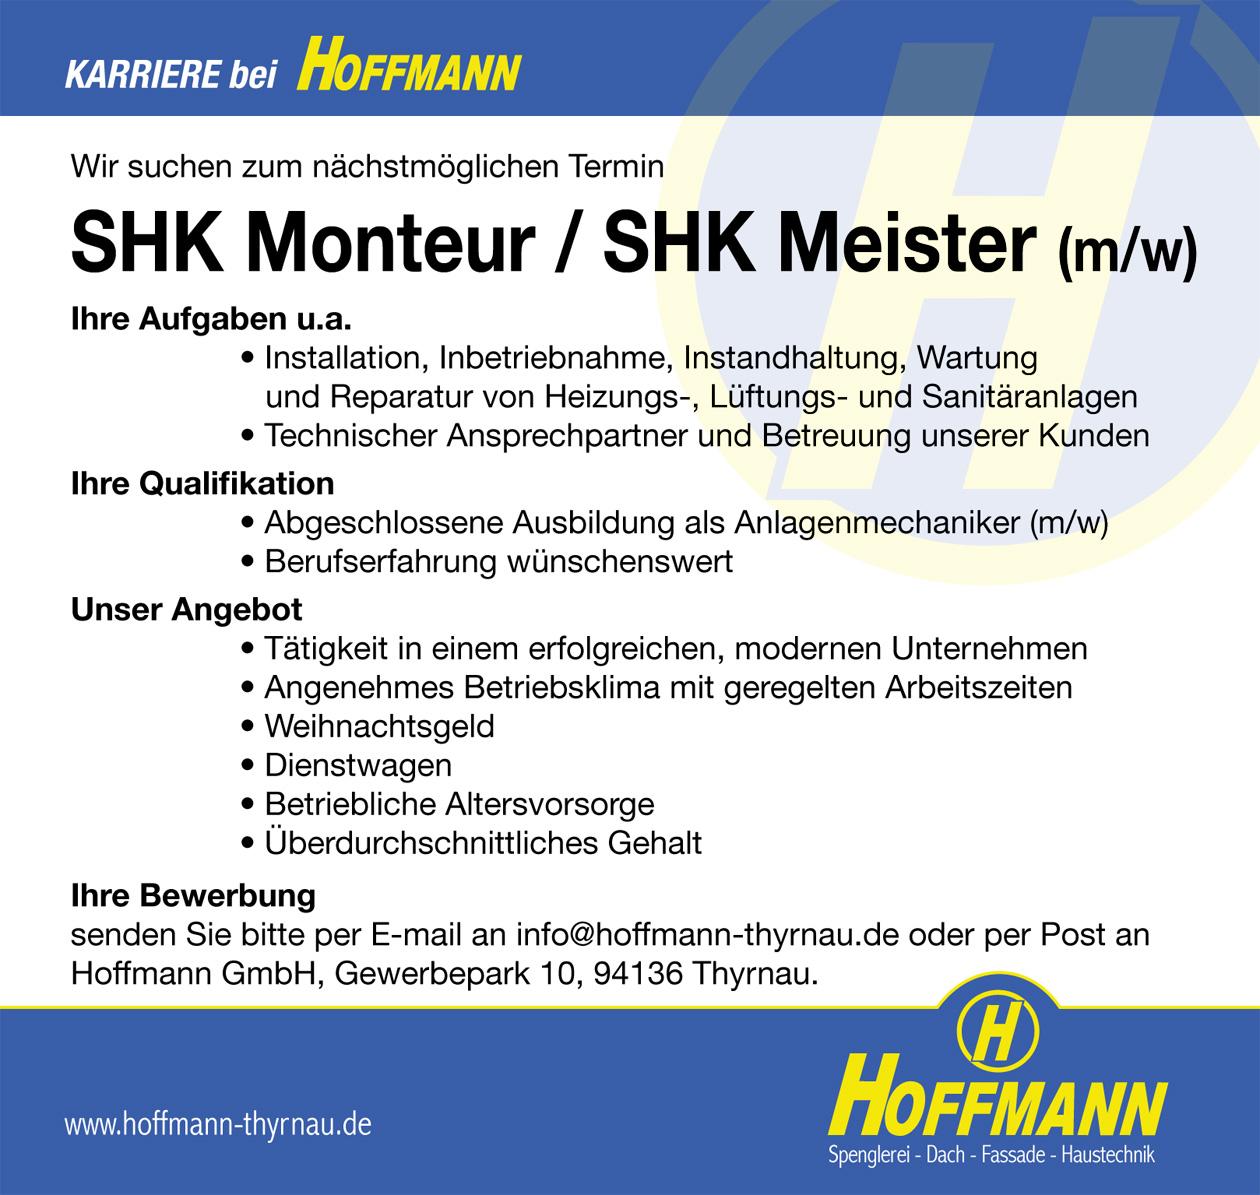 Wir suchen SHK Monteur / SHK Meister - Hoffmann GmbH Thyrnau Passau